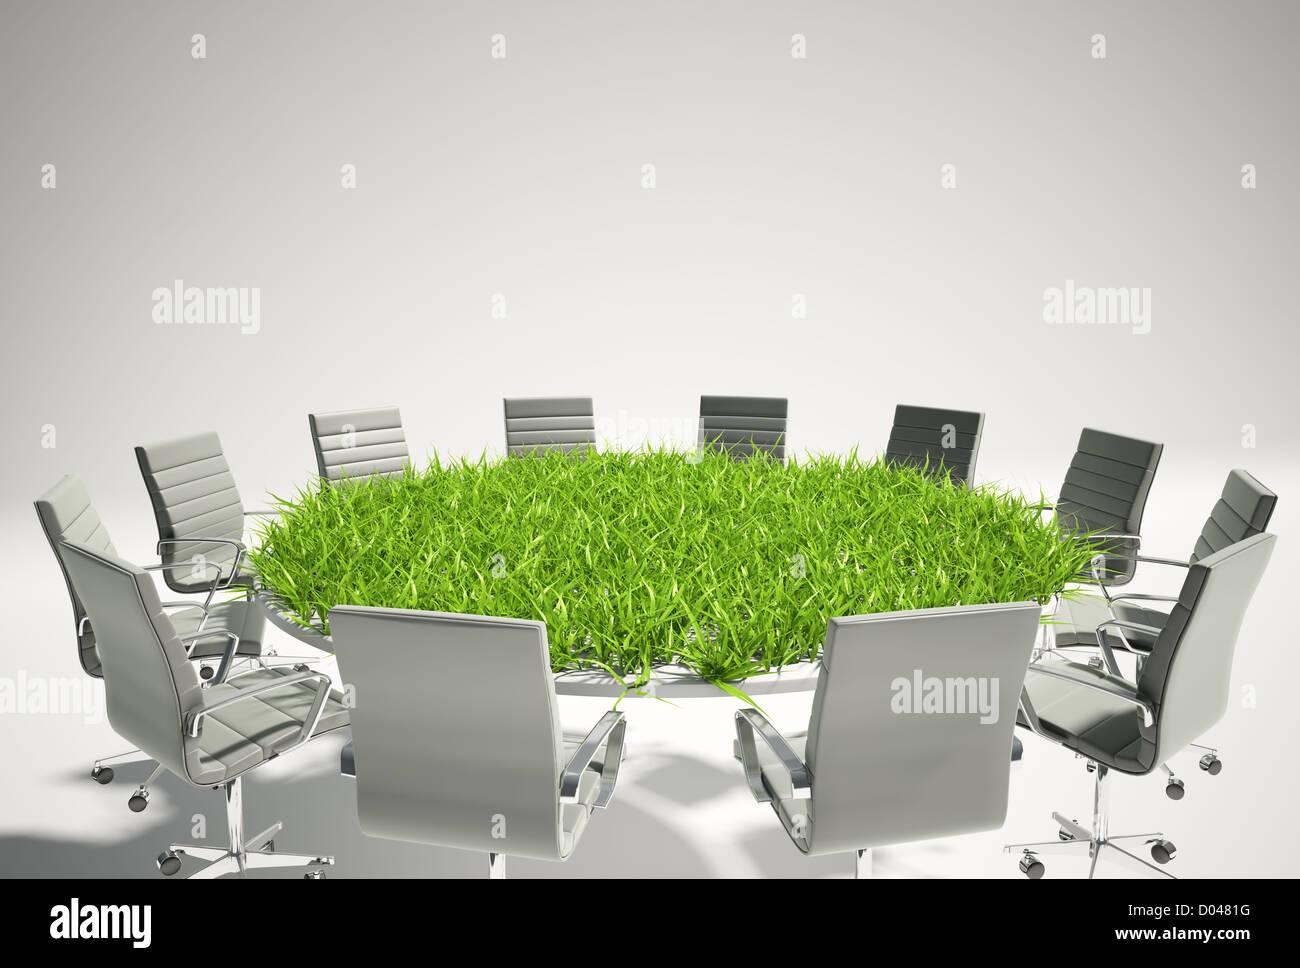 Konferenztisch mit Rasen - Outlook Geschäftskonzept bedeckt Stockbild